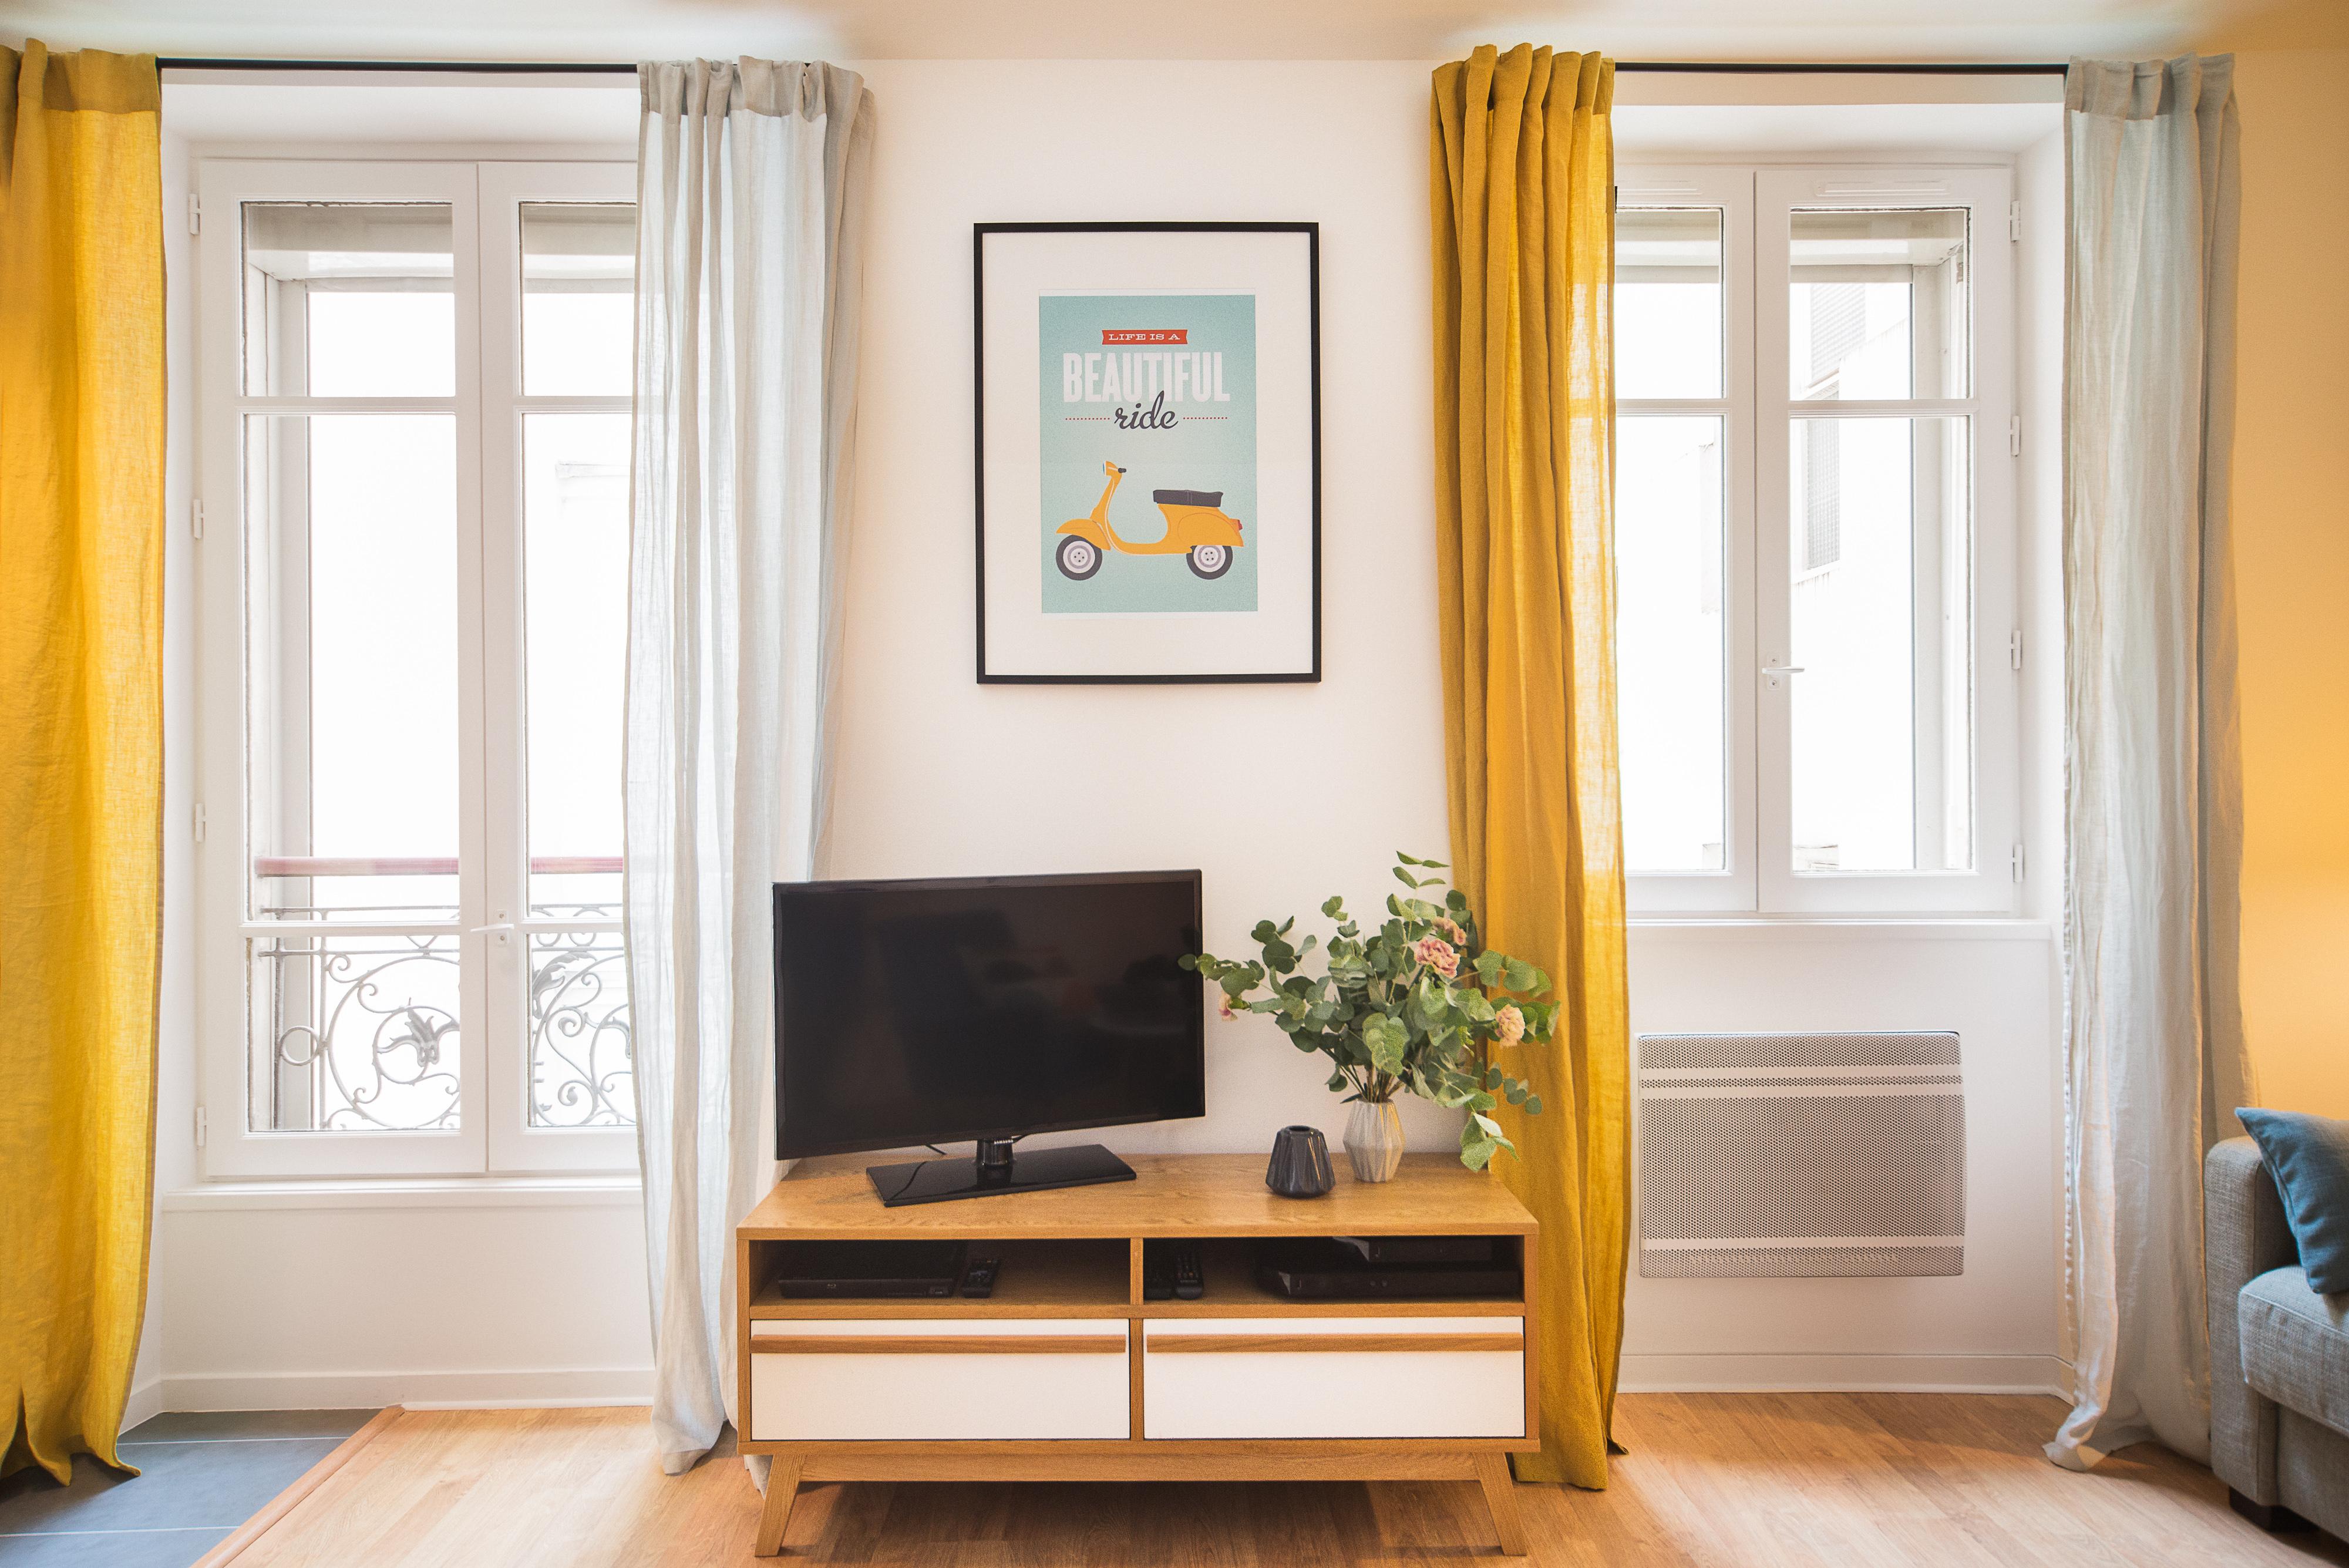 Déco rideaux : comment embellir une pièce avec de simples rideaux?